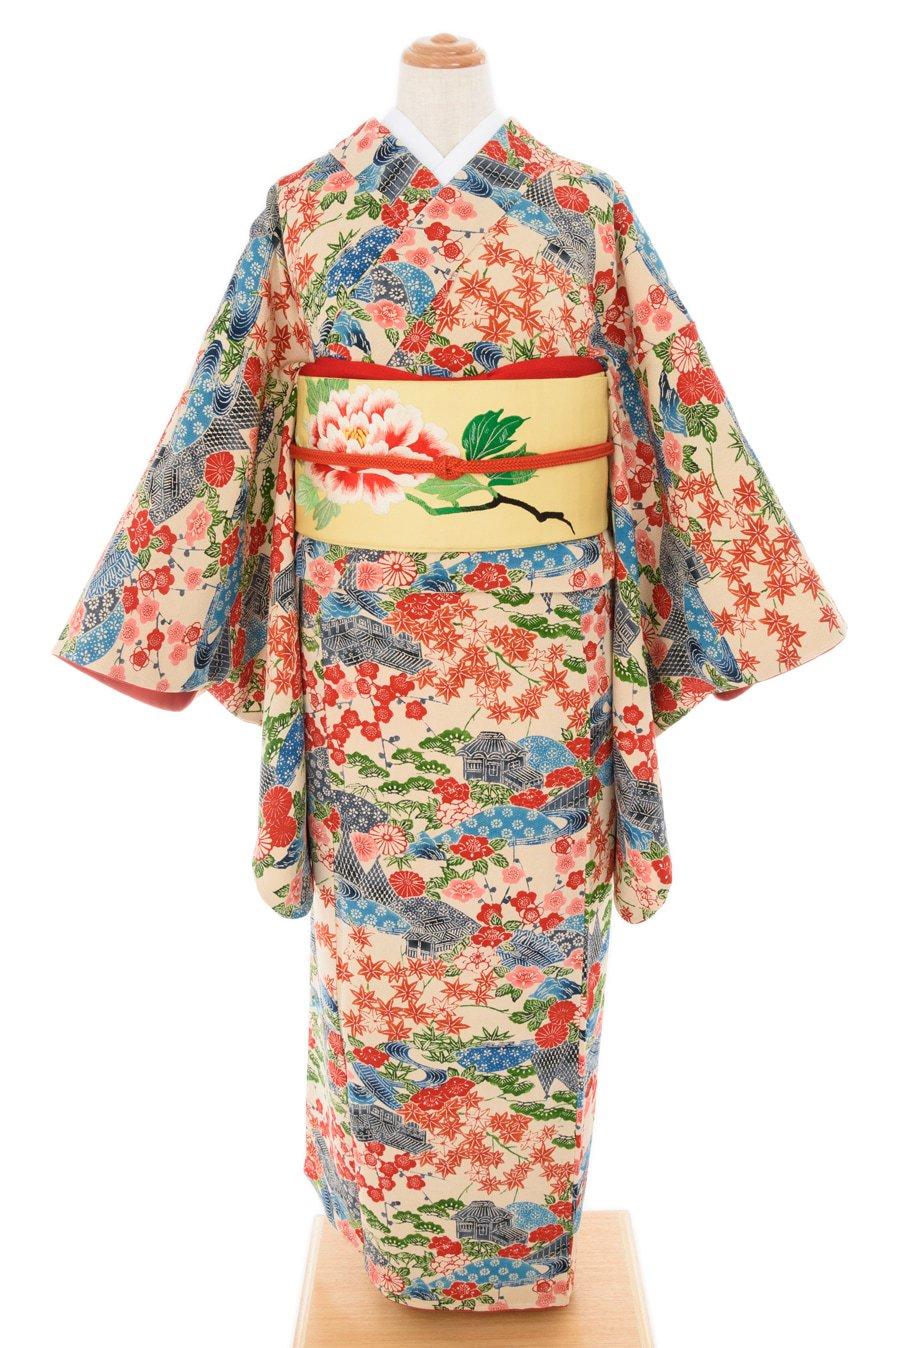 「紅型調 茶屋辻 四季の花」の商品画像